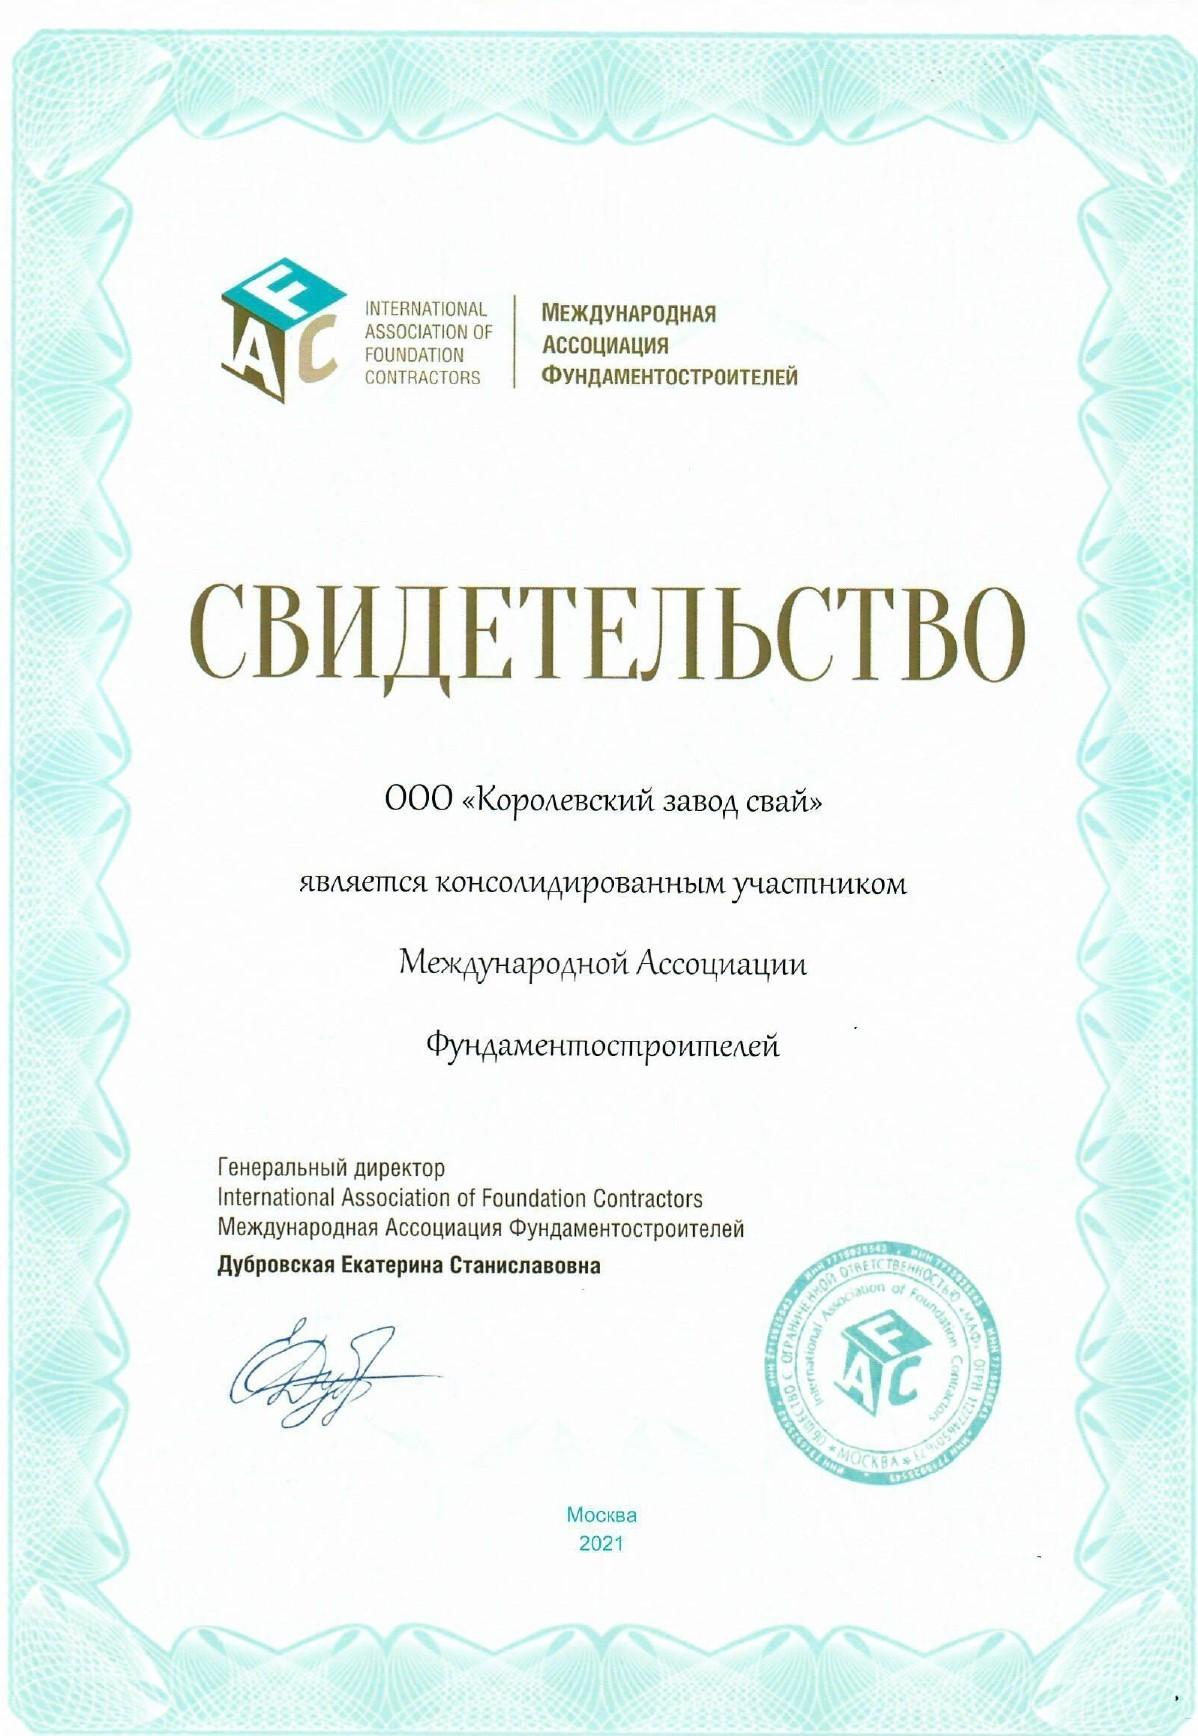 Королёвский завод свай стал новым членом Международной Ассоциации Фундаментостроителей